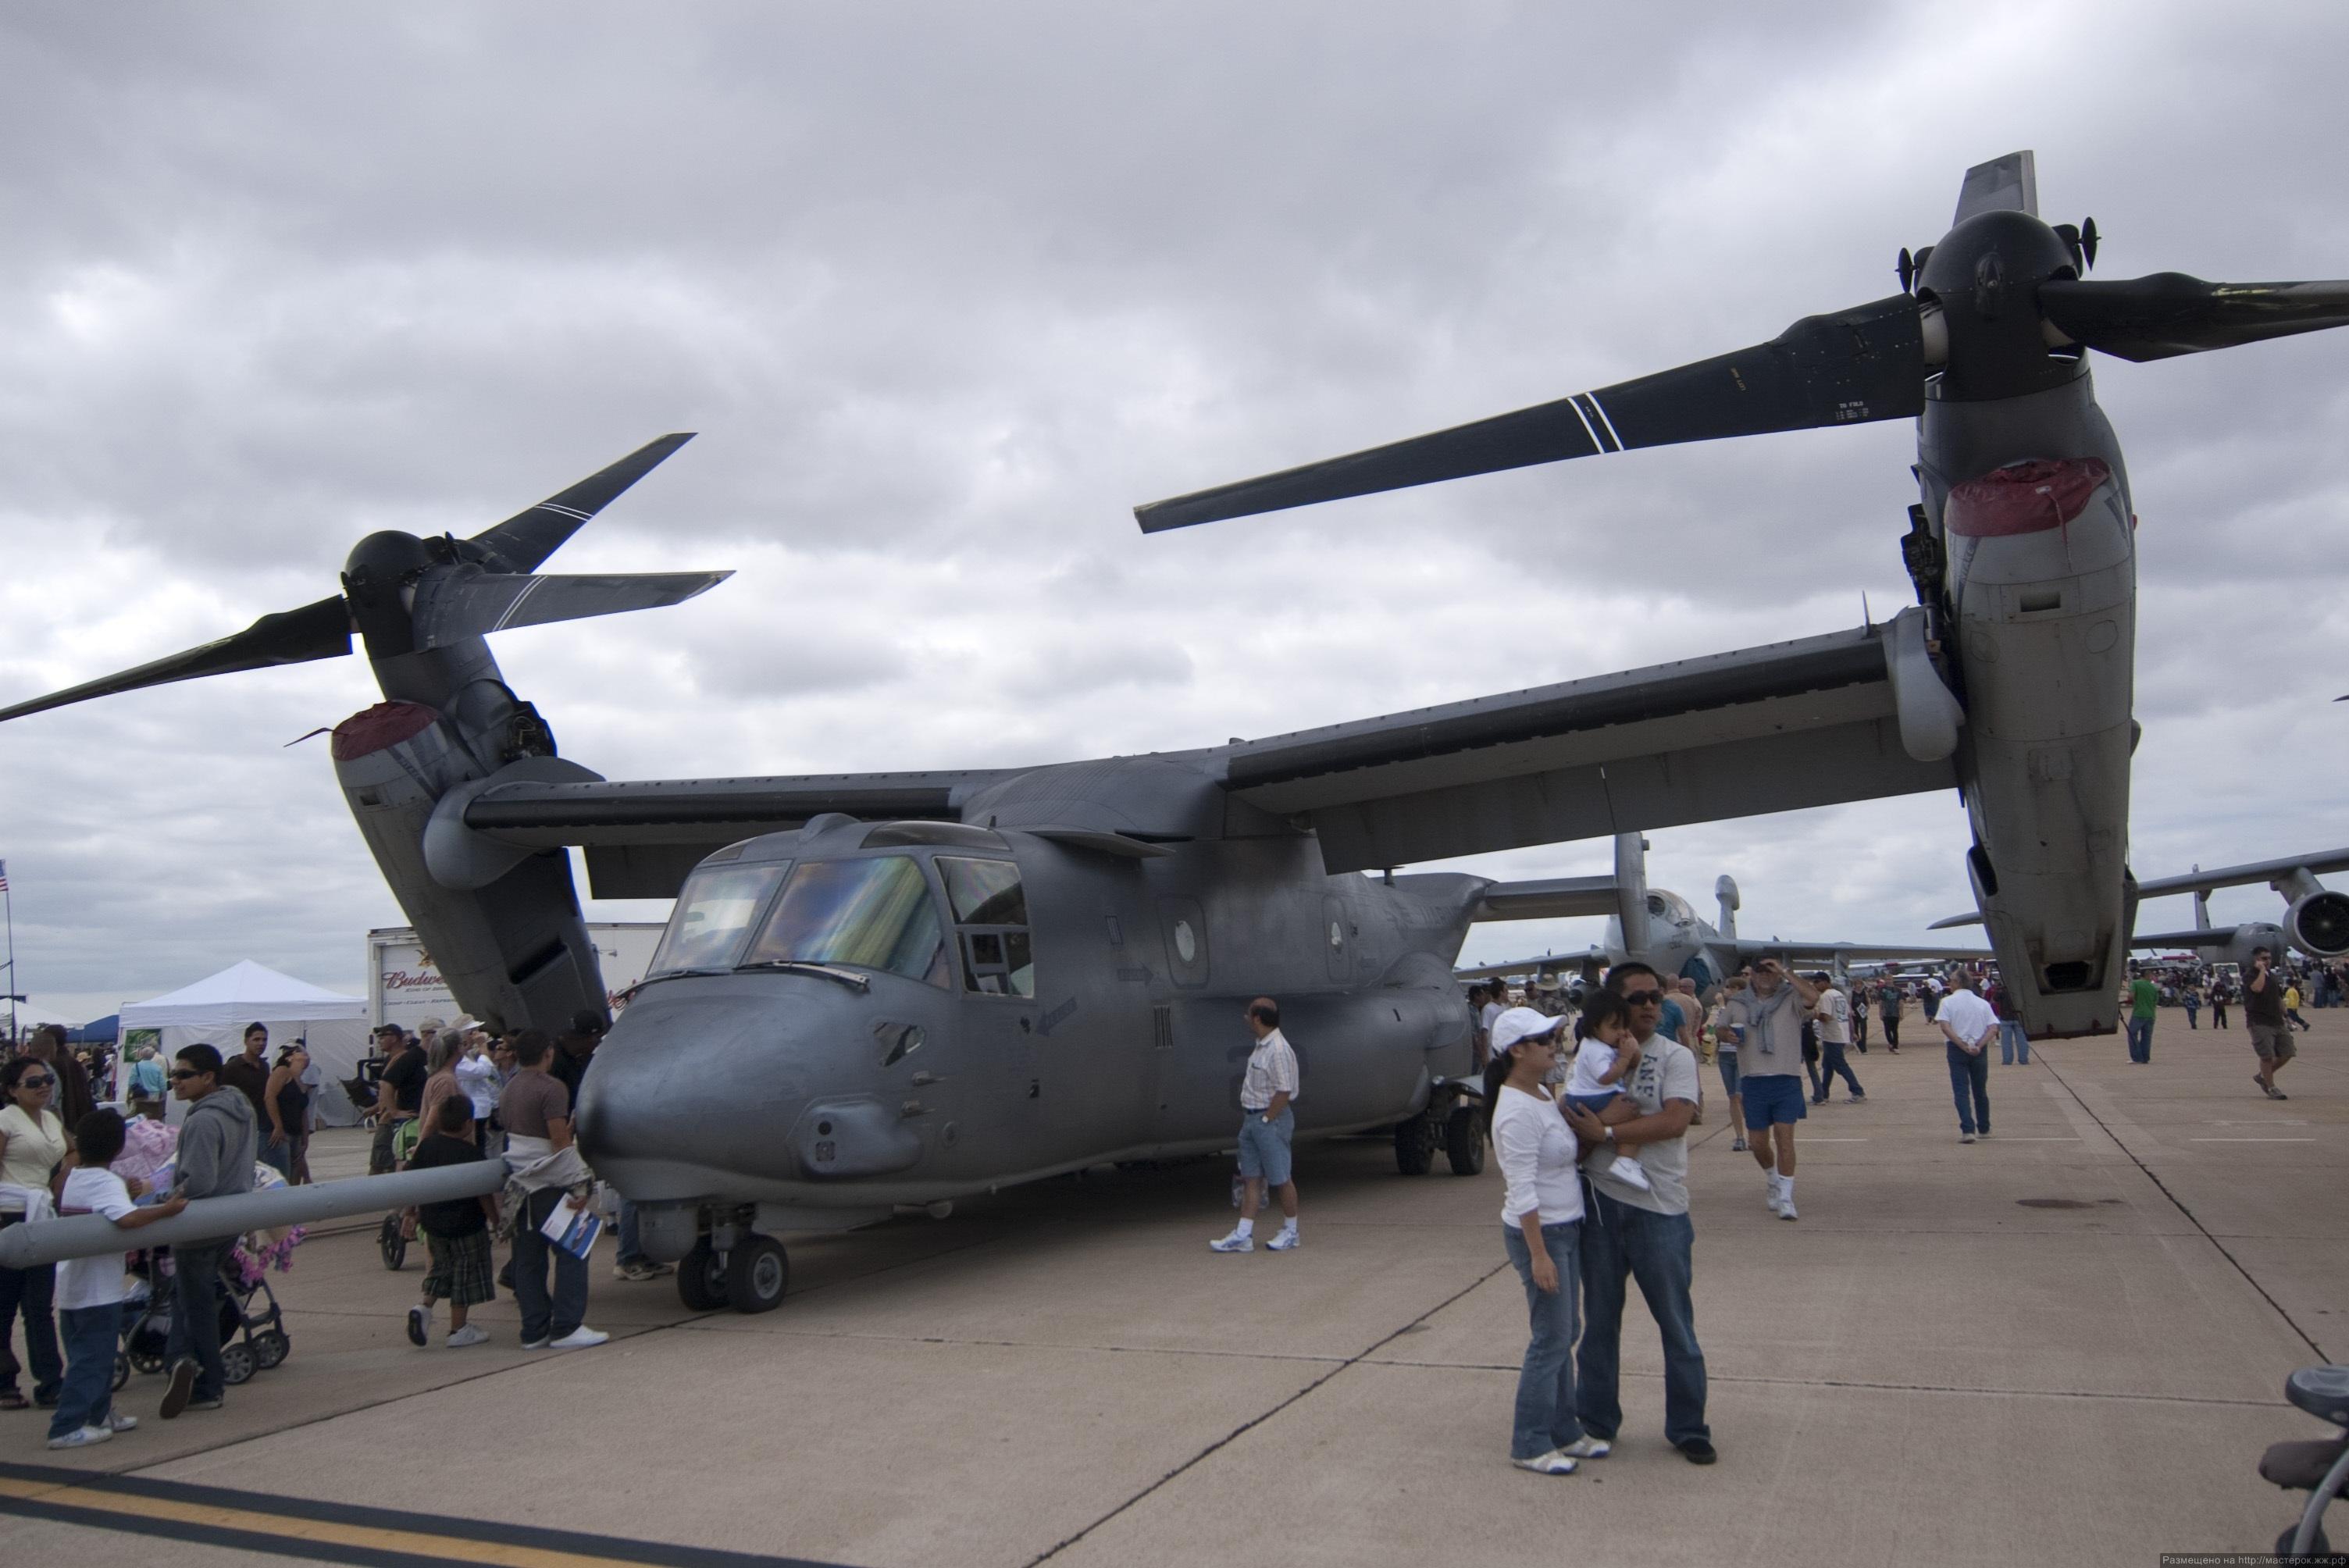 Osprey V22 Tilt Rotor